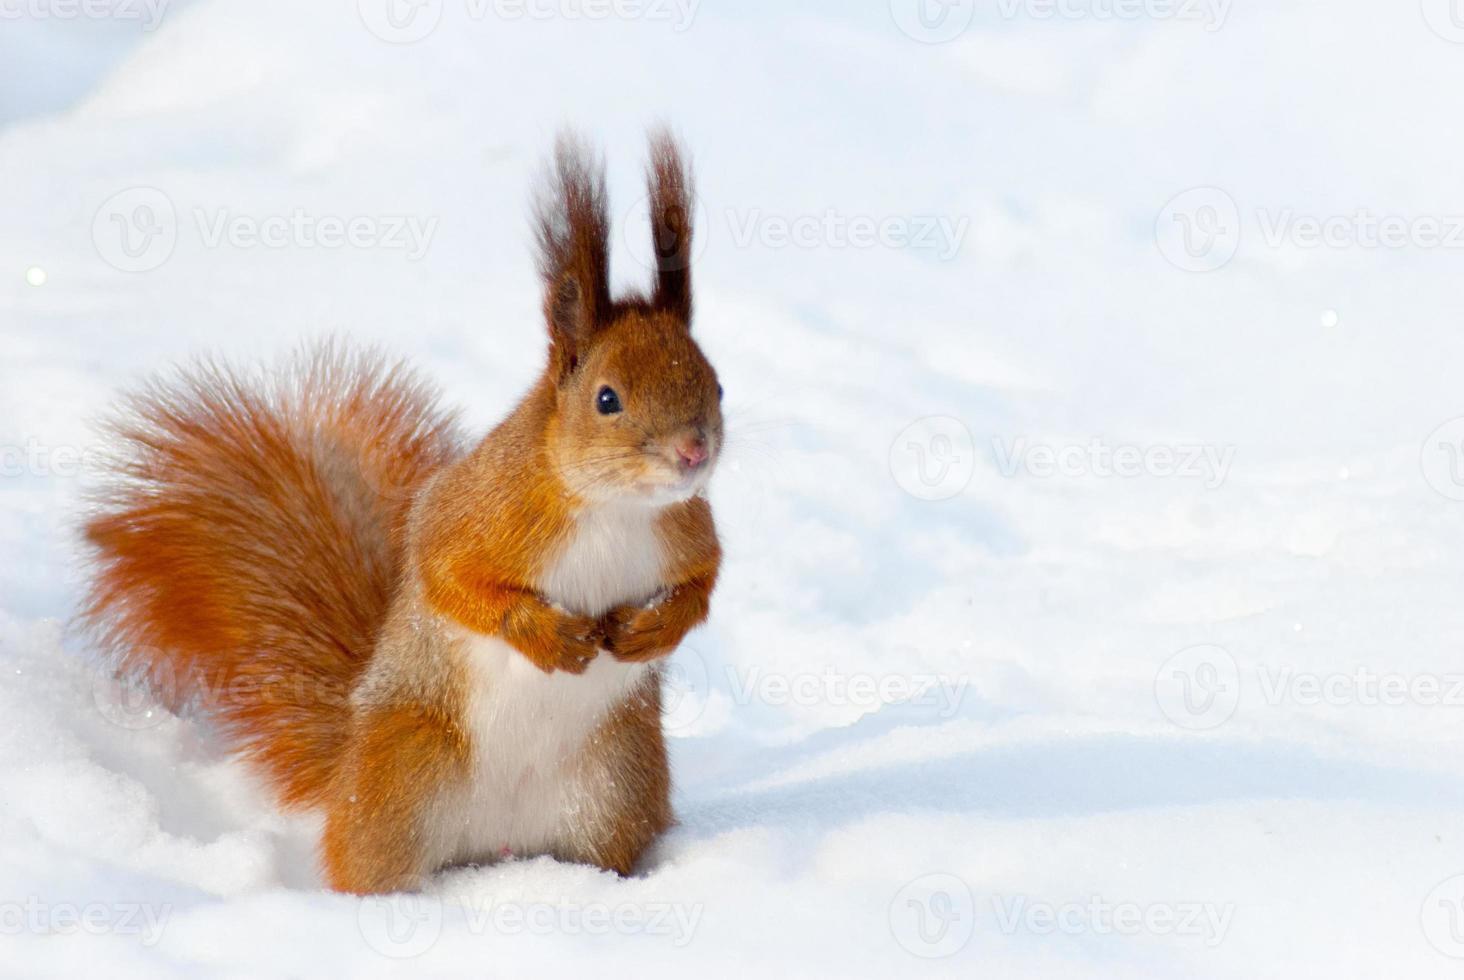 rotes Eichhörnchen auf dem Schnee foto